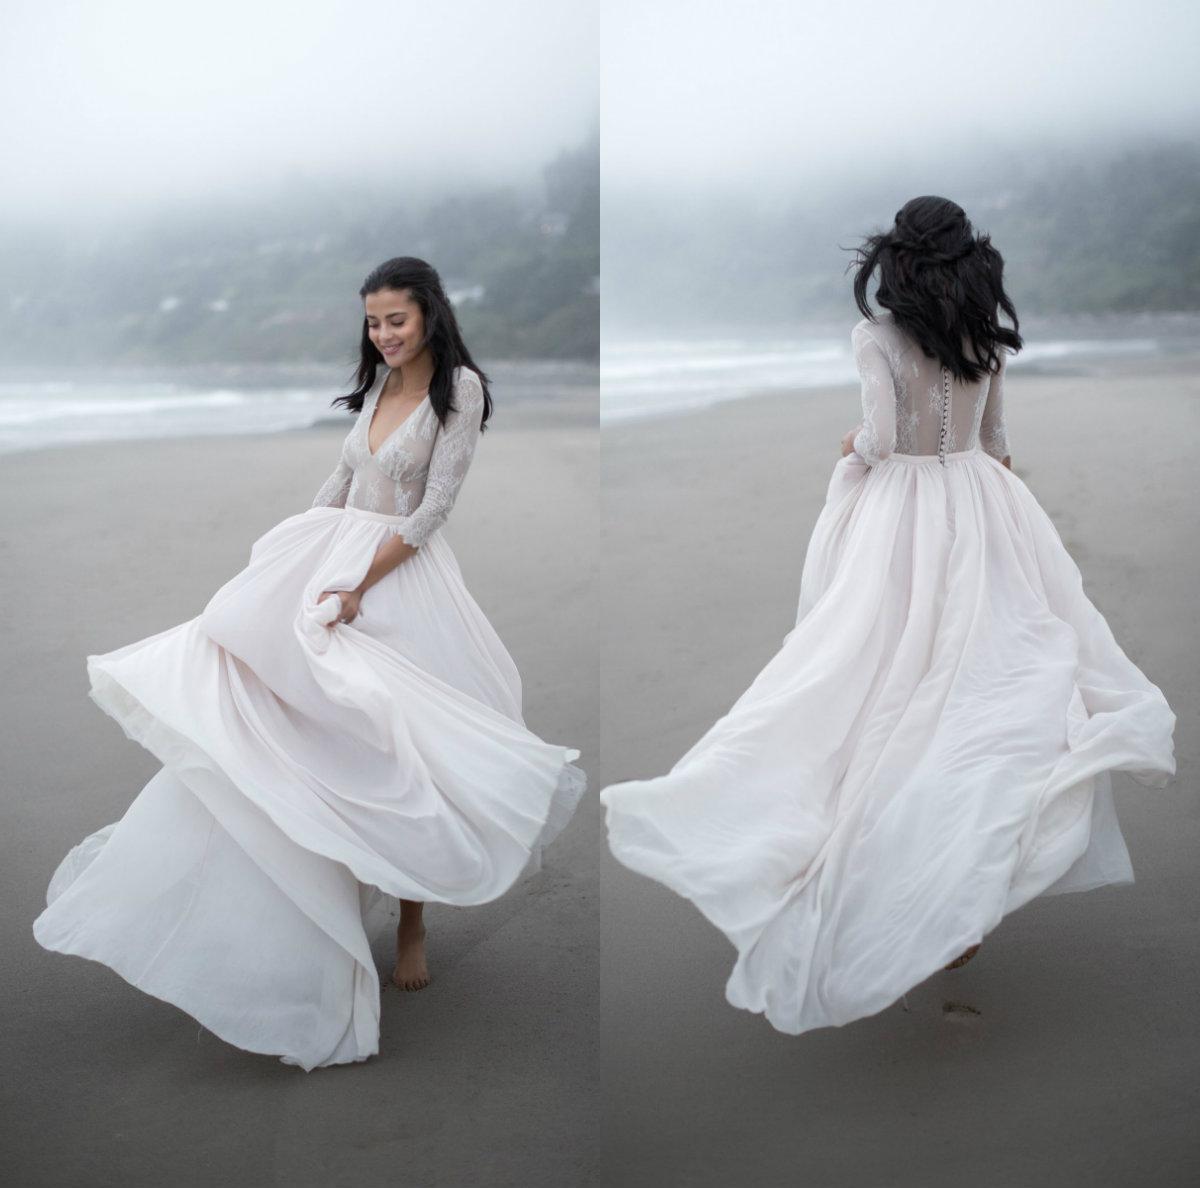 Дешевые Простой V шеи с длинными рукавами Свадебные платья Line Свадебные платья плюс размер 6 8 4 10 12 14 16 18 20